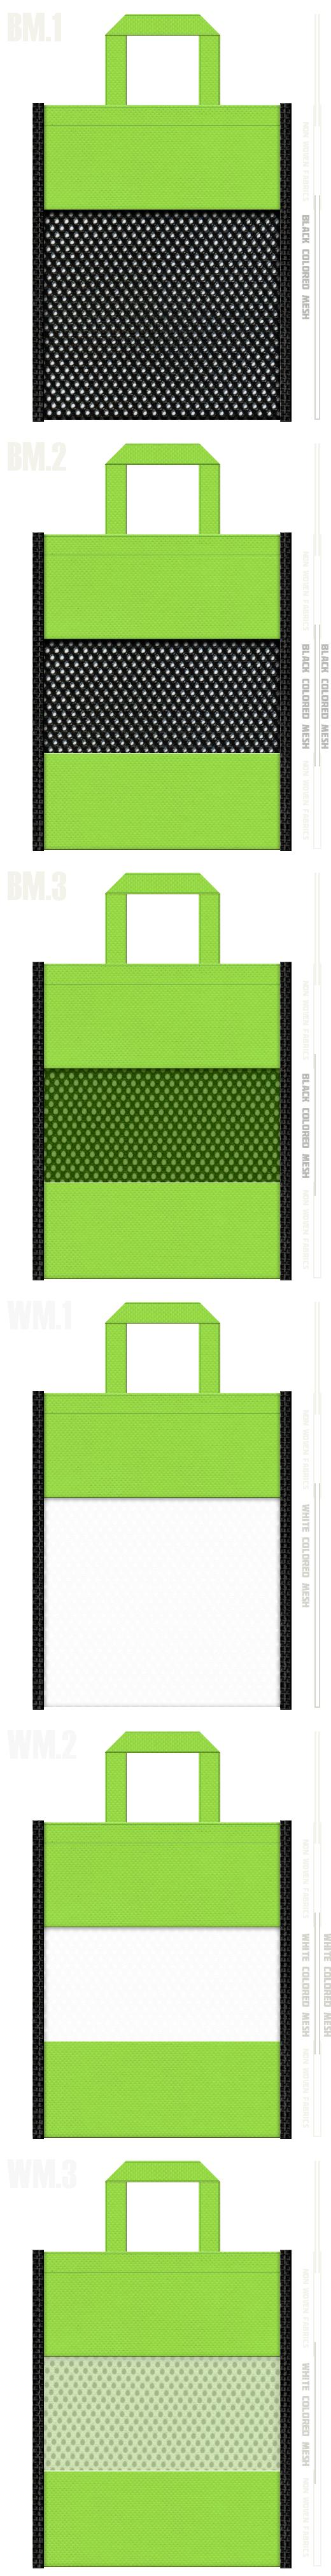 フラットタイプのメッシュバッグのカラーシミュレーション:黒色・白色メッシュと黄緑色不織布の組み合わせ